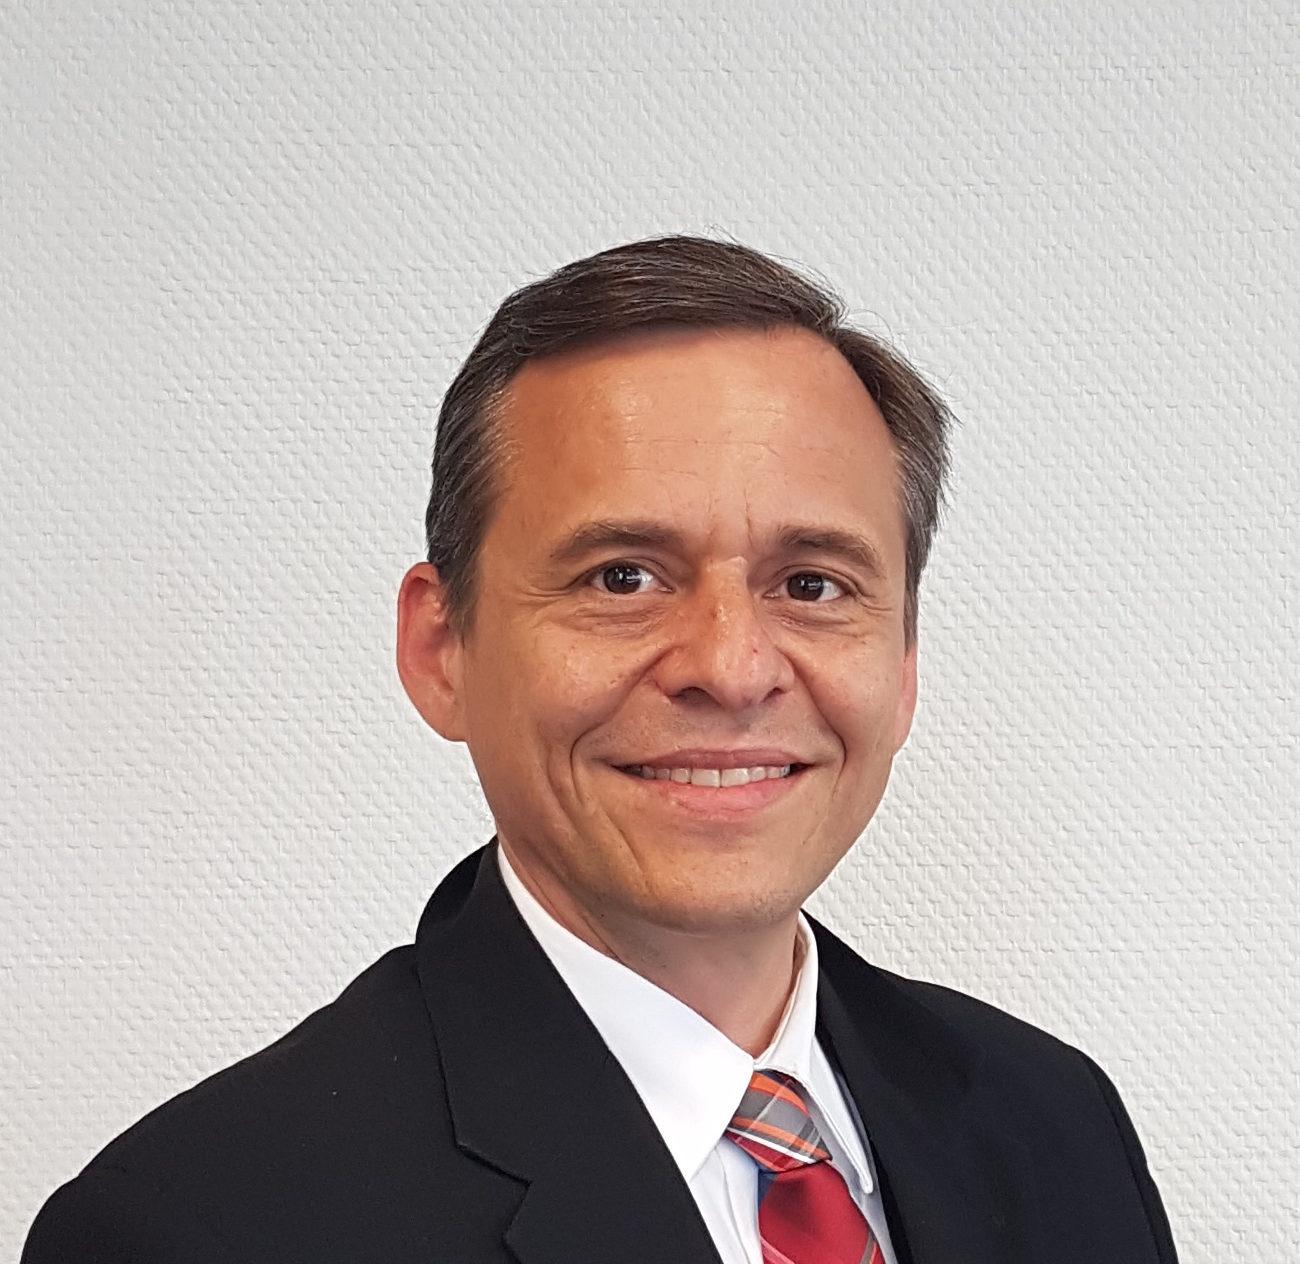 André Redl